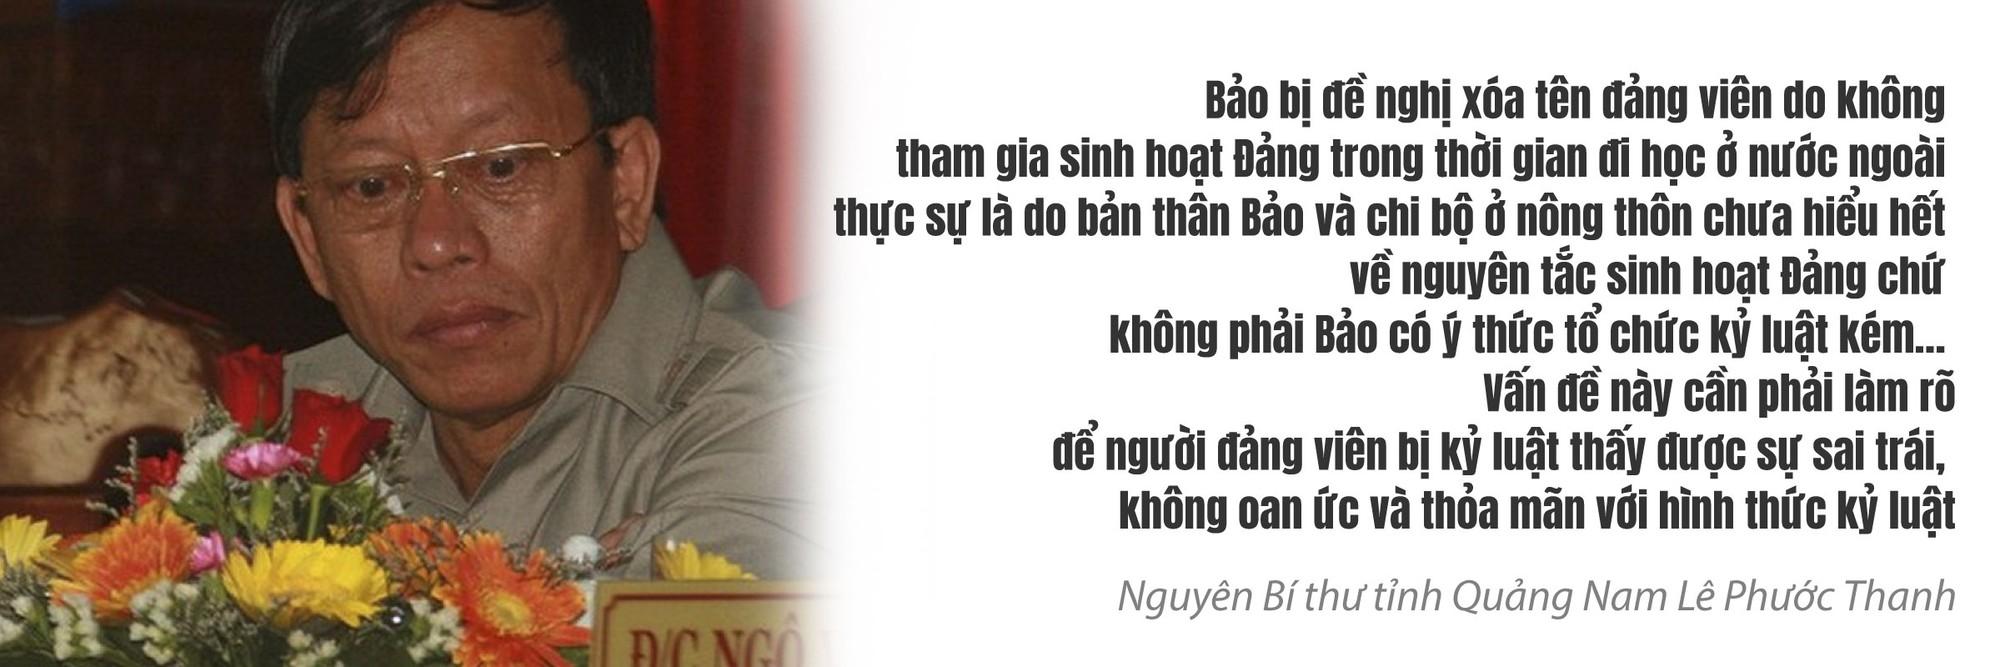 (eMagazine) - Bổ nhiệm con quan và những sai phạm của lãnh đạo tỉnh Quảng Nam - Ảnh 14.